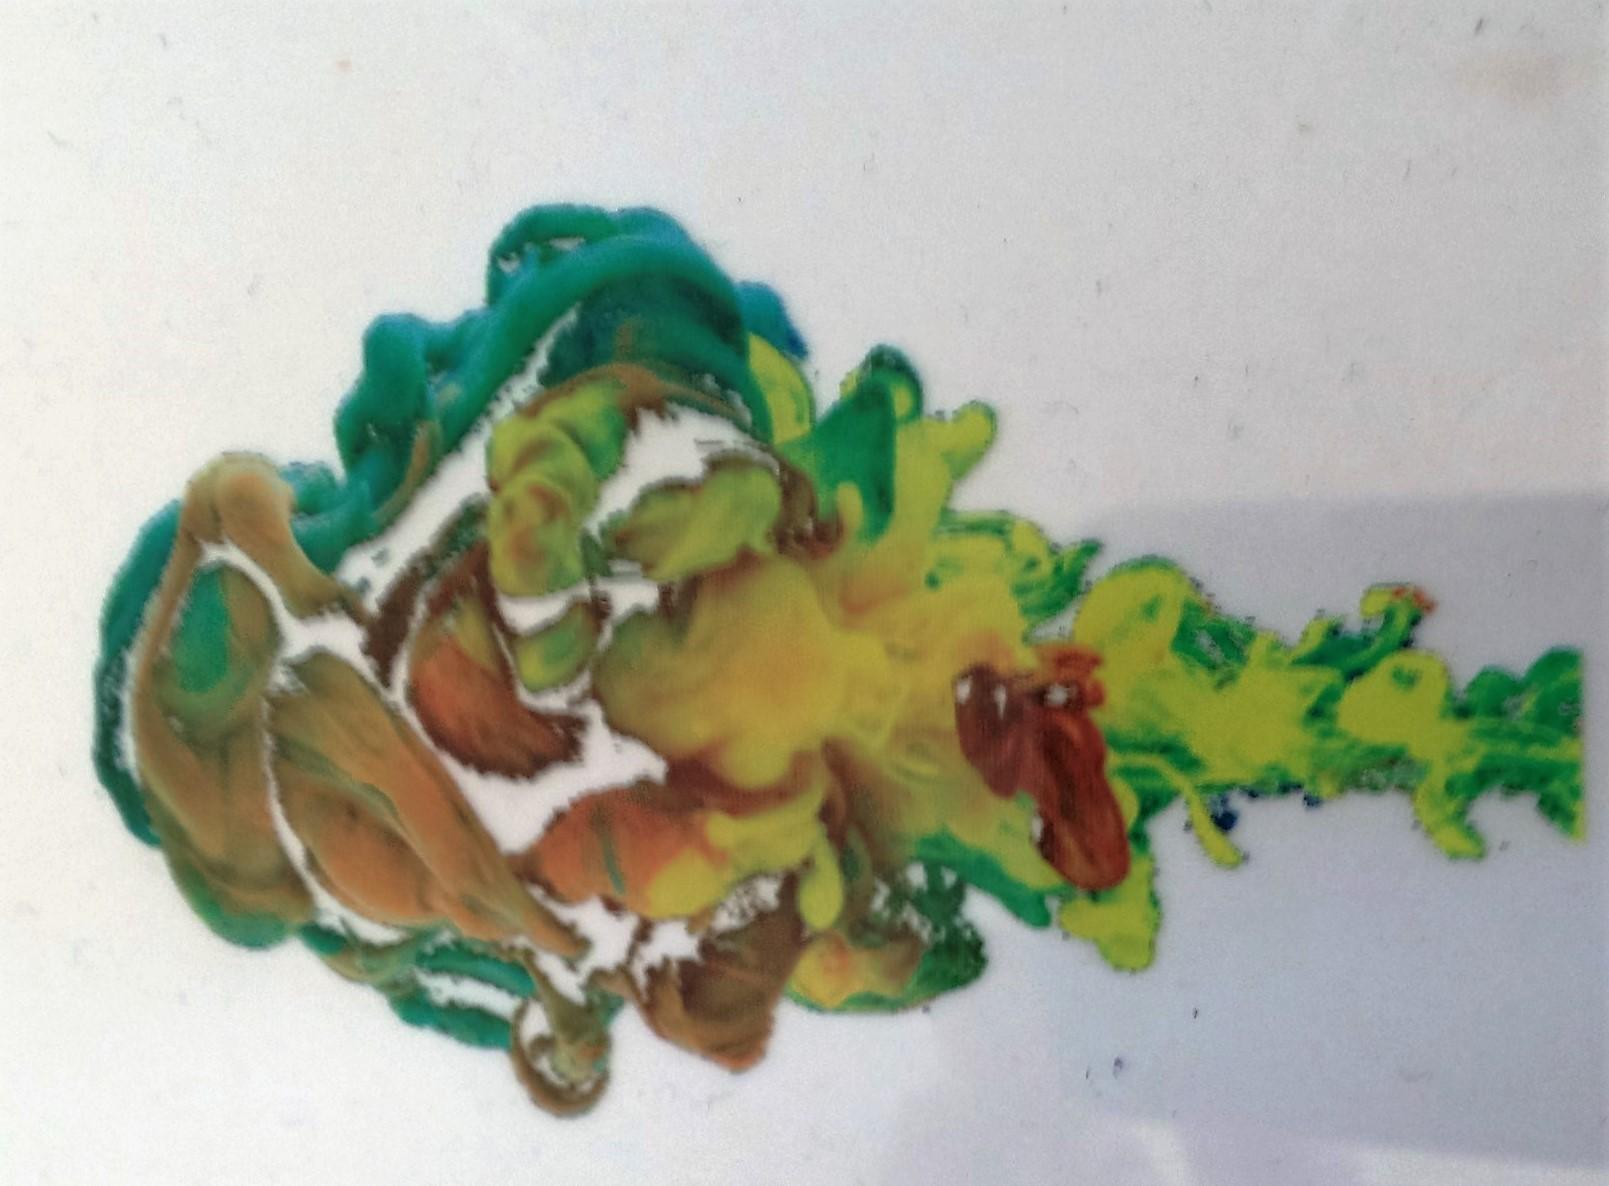 impression uv mirroir sous couche couleurs 1 couche de blanc support plastique